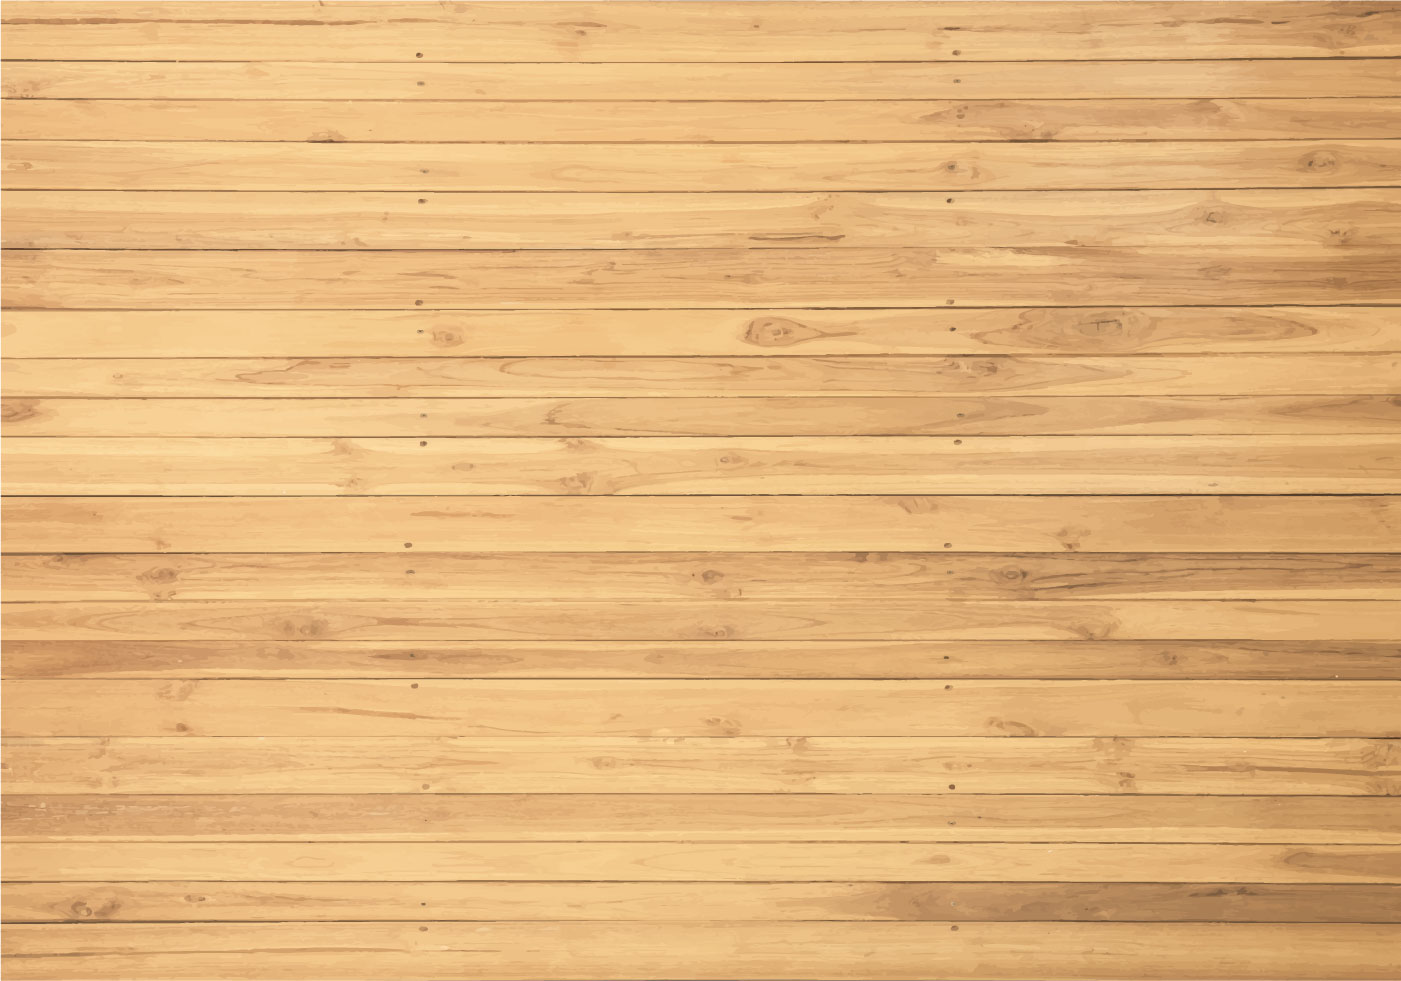 Wood Elevation Plank : Fond de planches bois vectoriel téléchargez l art